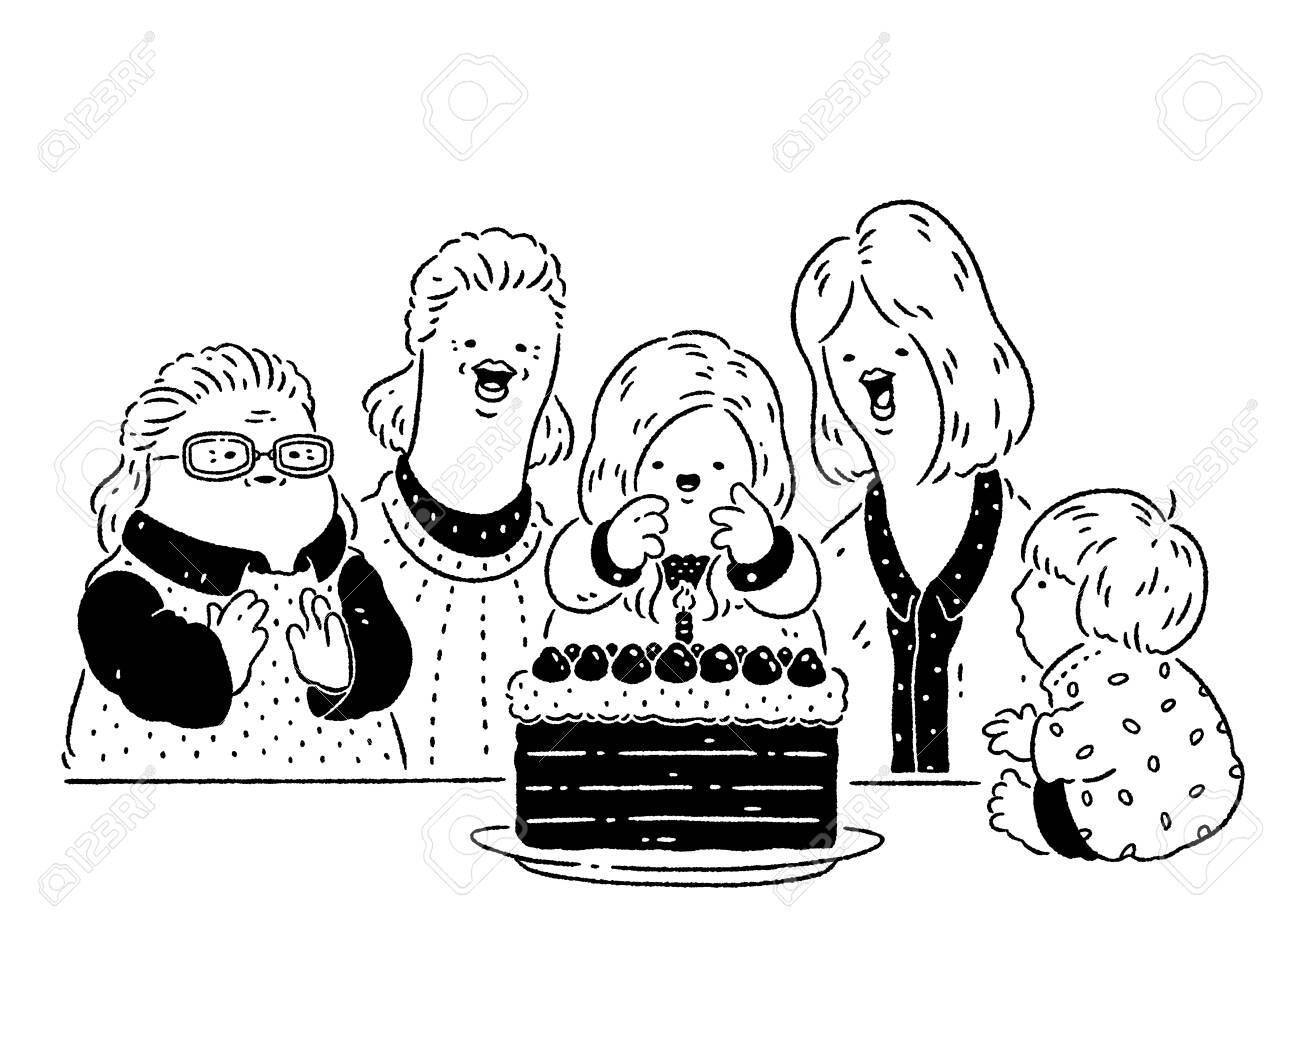 Family celebrating birthday - 128854663